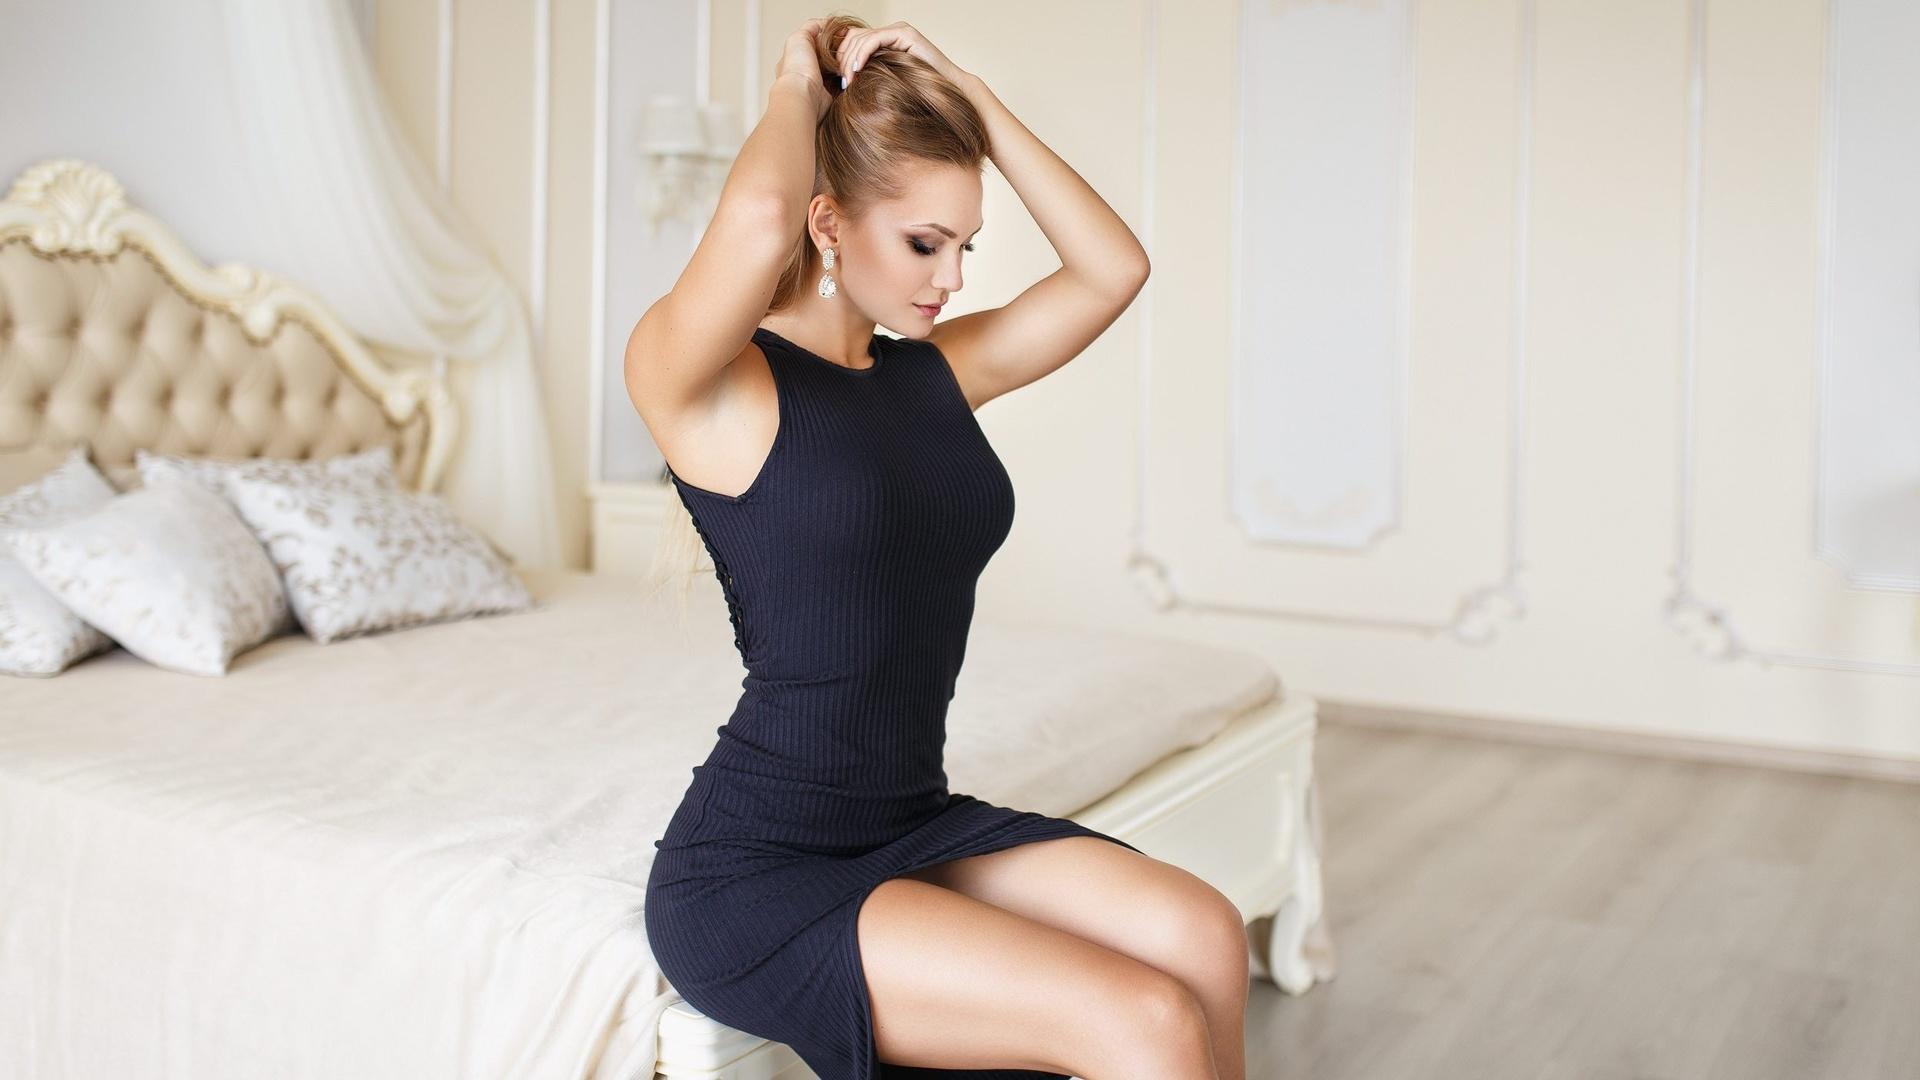 фото высокого разрешения девушек в платьях студия бабенка